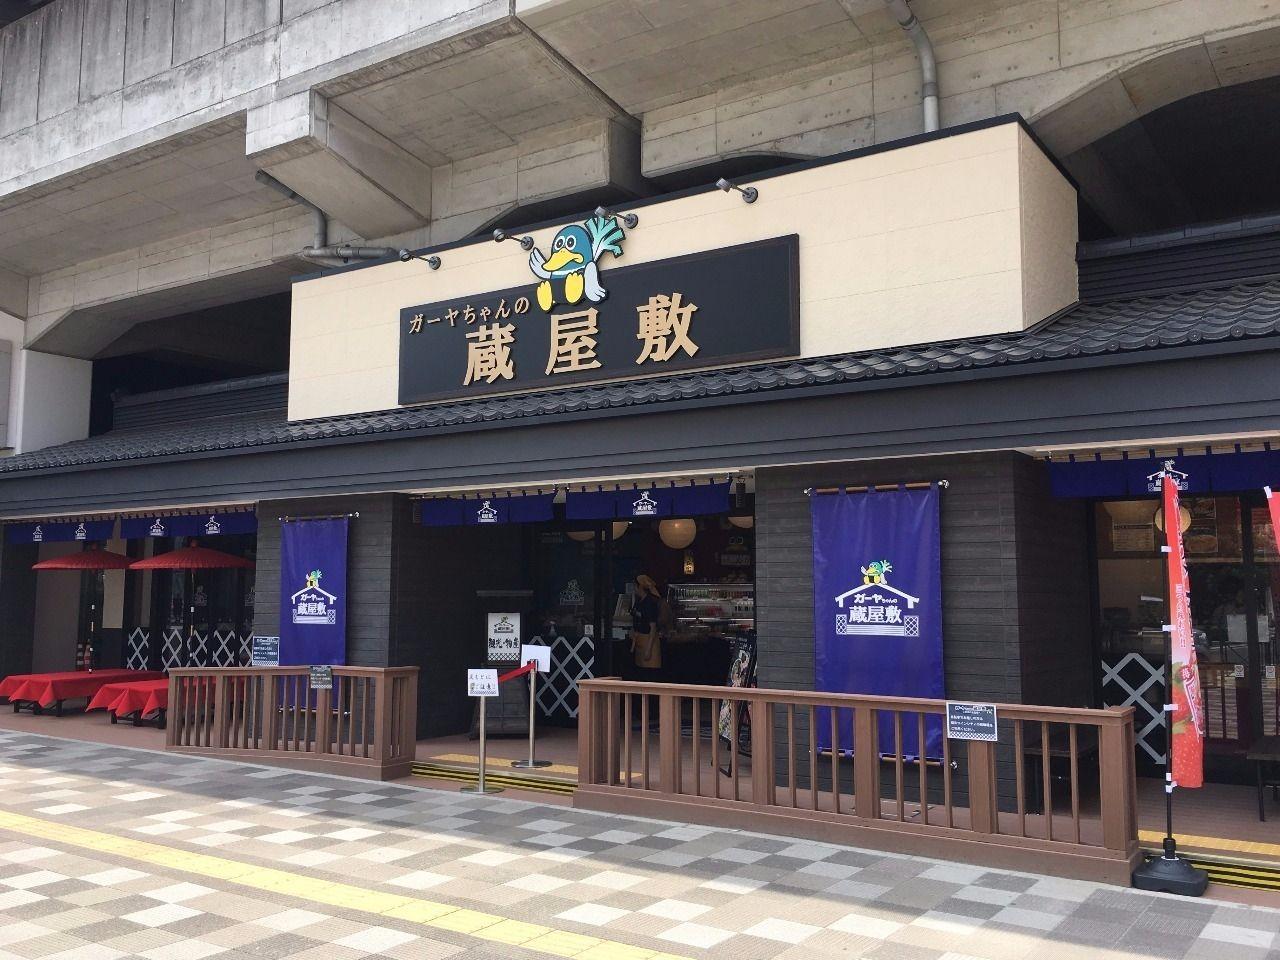 越谷駅東口の高架下にオープンしたガーヤちゃんの蔵屋敷!